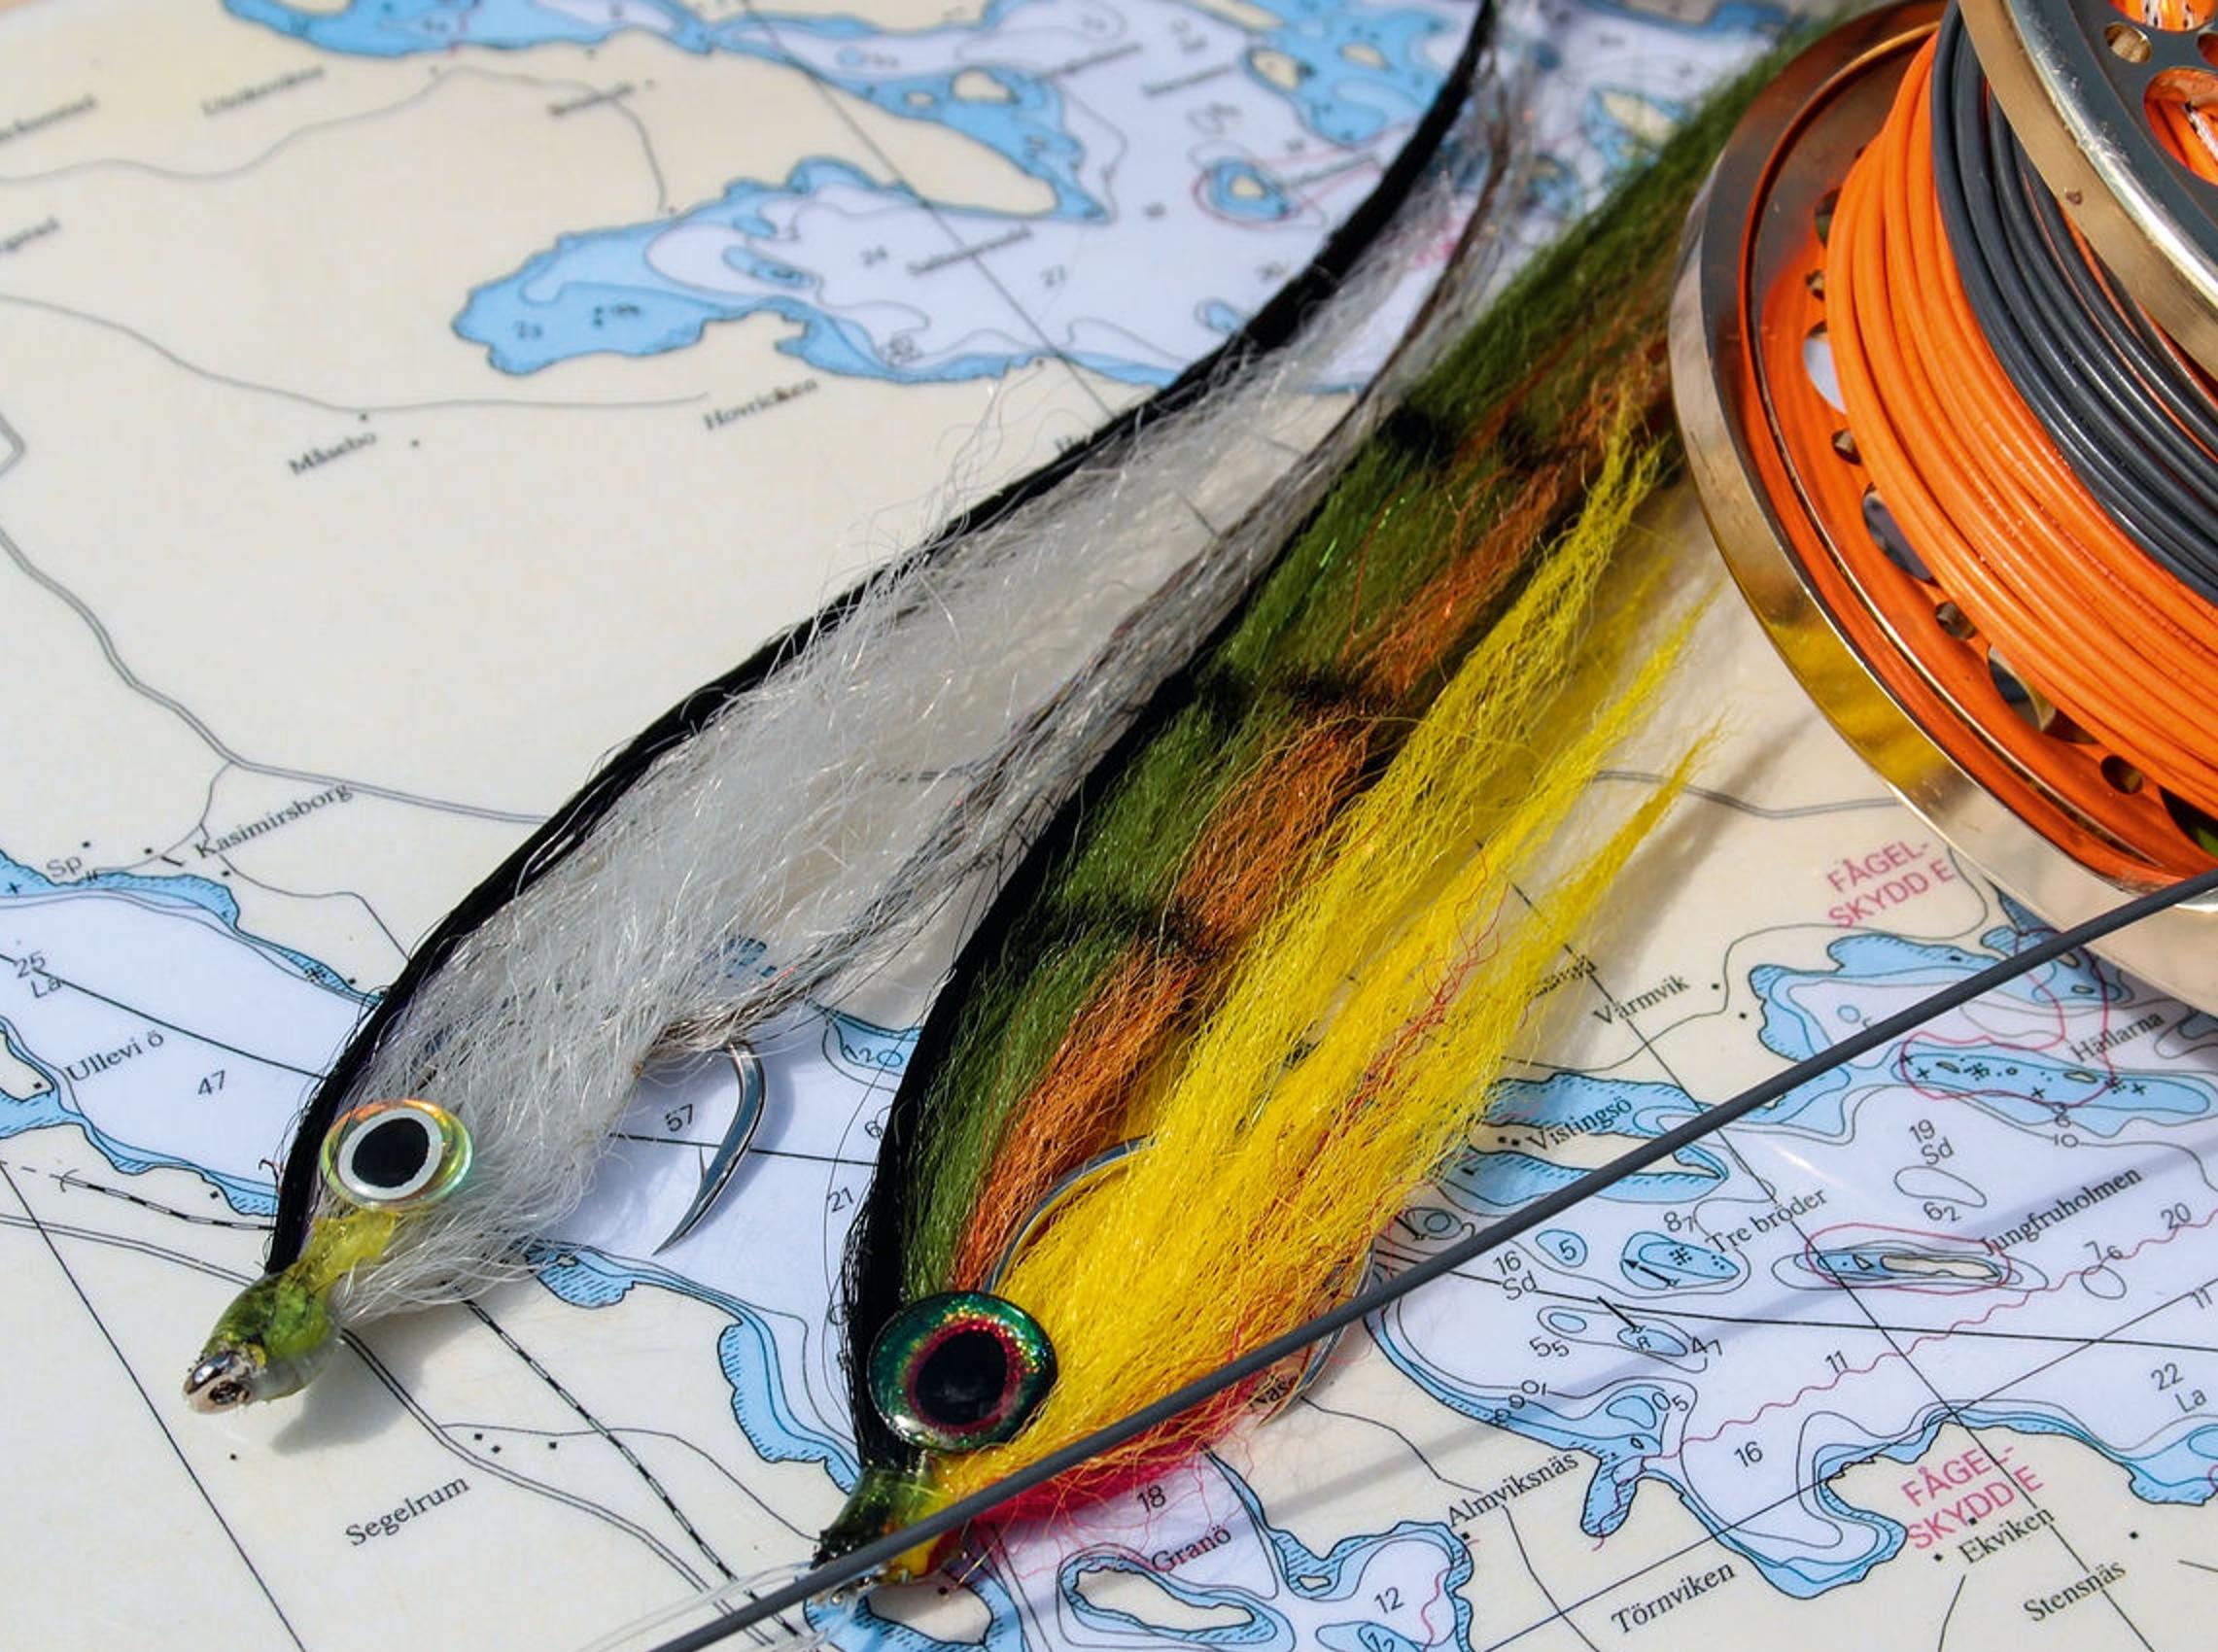 """Wenn es um den Hecht-Fang mit Streamer und Fliegenrute geht, dann machen Sie mit den Basisfarben """"Weißfisch"""" und """"Barsch"""" nichts falsch und vieles richtig. Kaufen oder binden Sie die Streamer aus Kunstfaser, dieses Material nimmt kein Wasser auf und die Streamer sind einfacher zu werfen."""